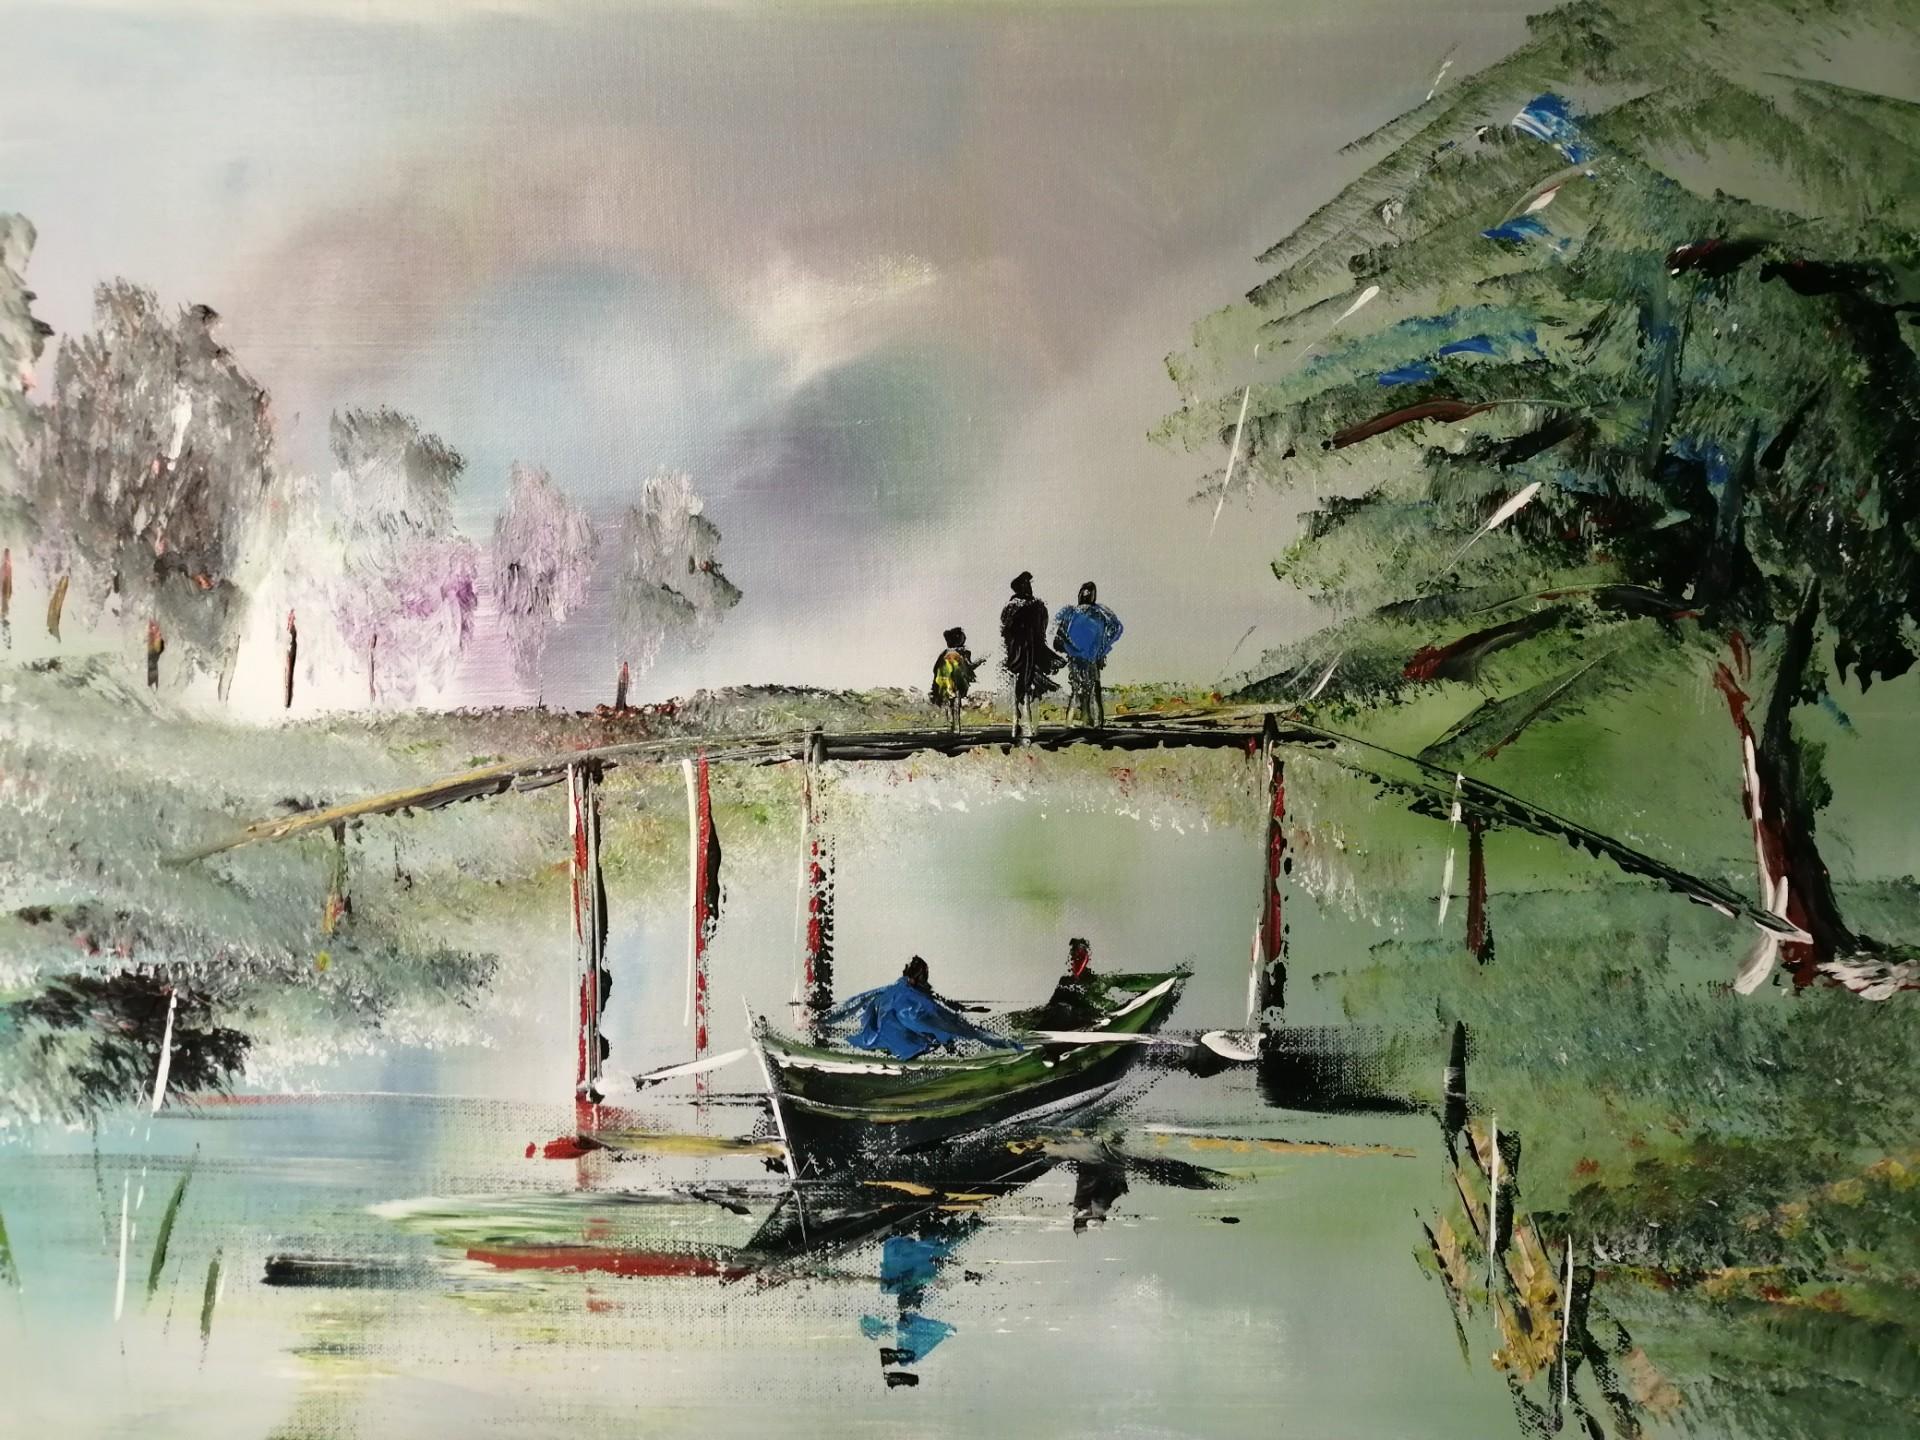 balade en barque dans les marais